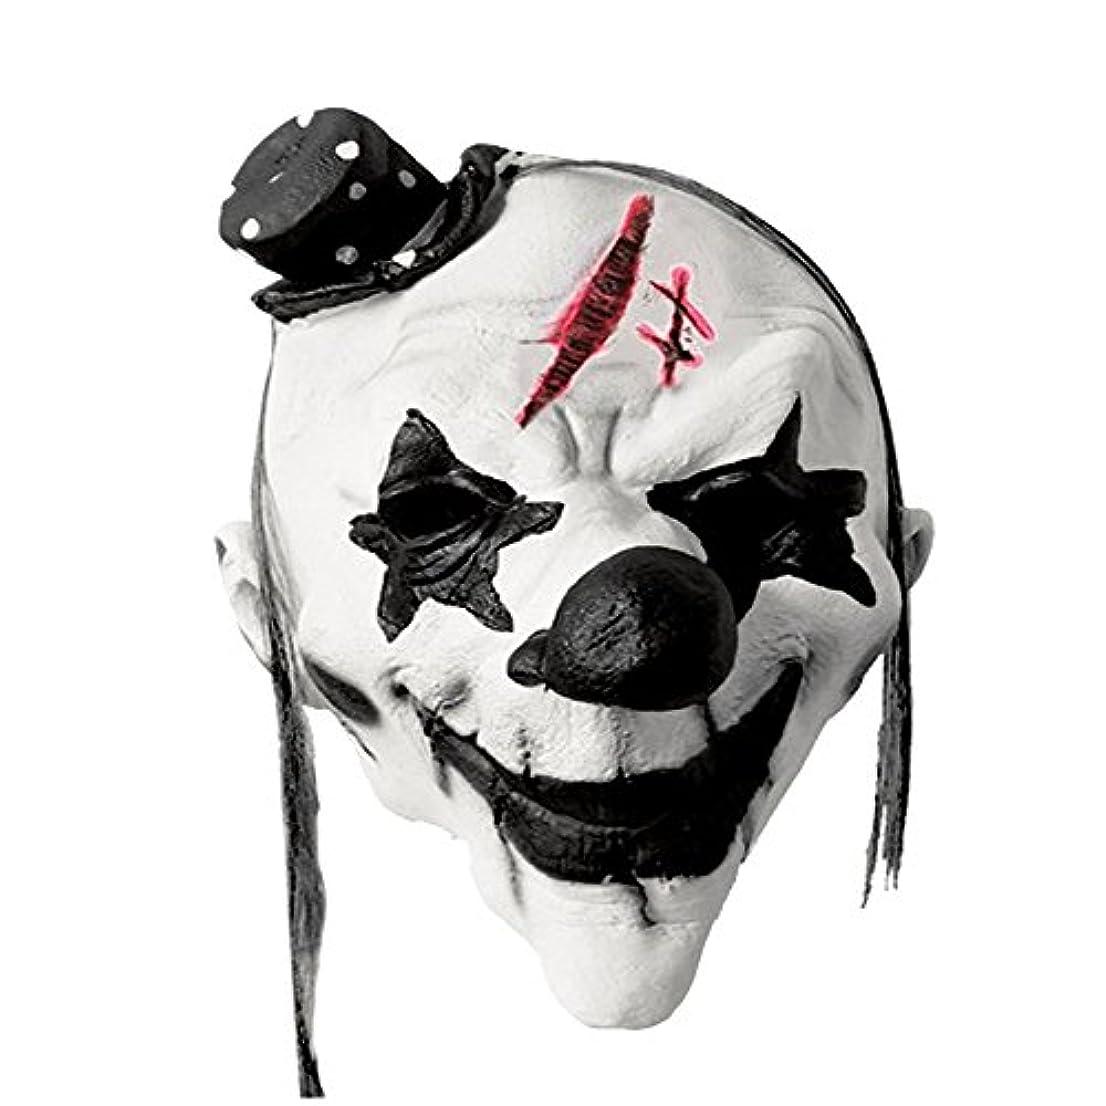 高さ金曜日発見するハロウィン黒と白のピエロマスク/なりすましホラーマスクウエディングパフォーマンスショードレスアップ小道具ピエロマスク